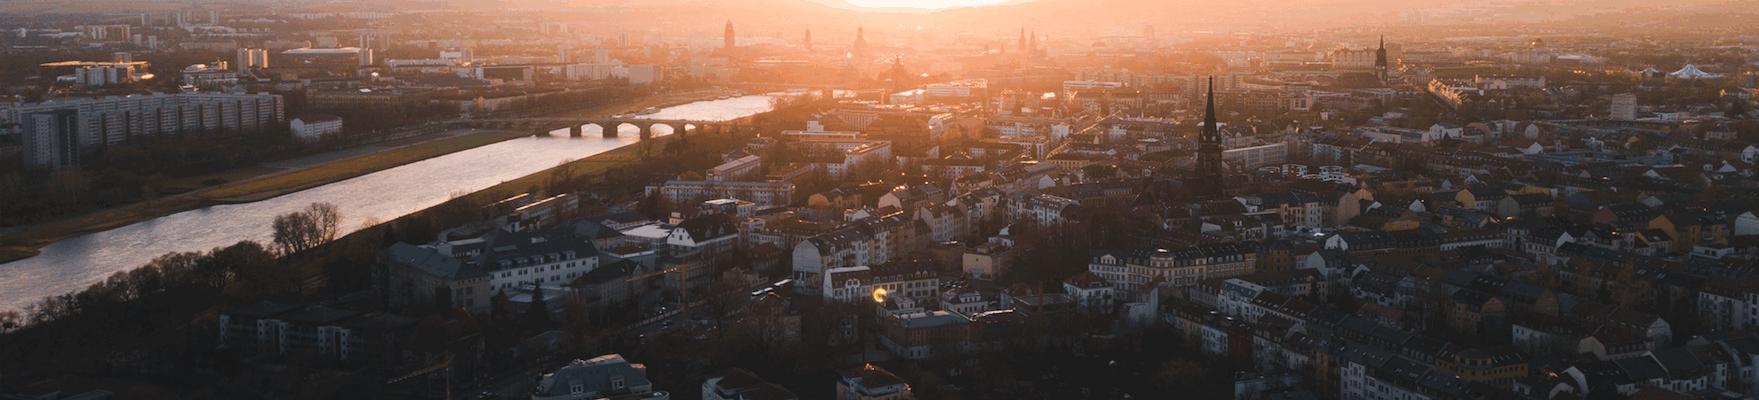 Lustige Stadtrundfahrt in sächischer Mundart Dresden 12.10.